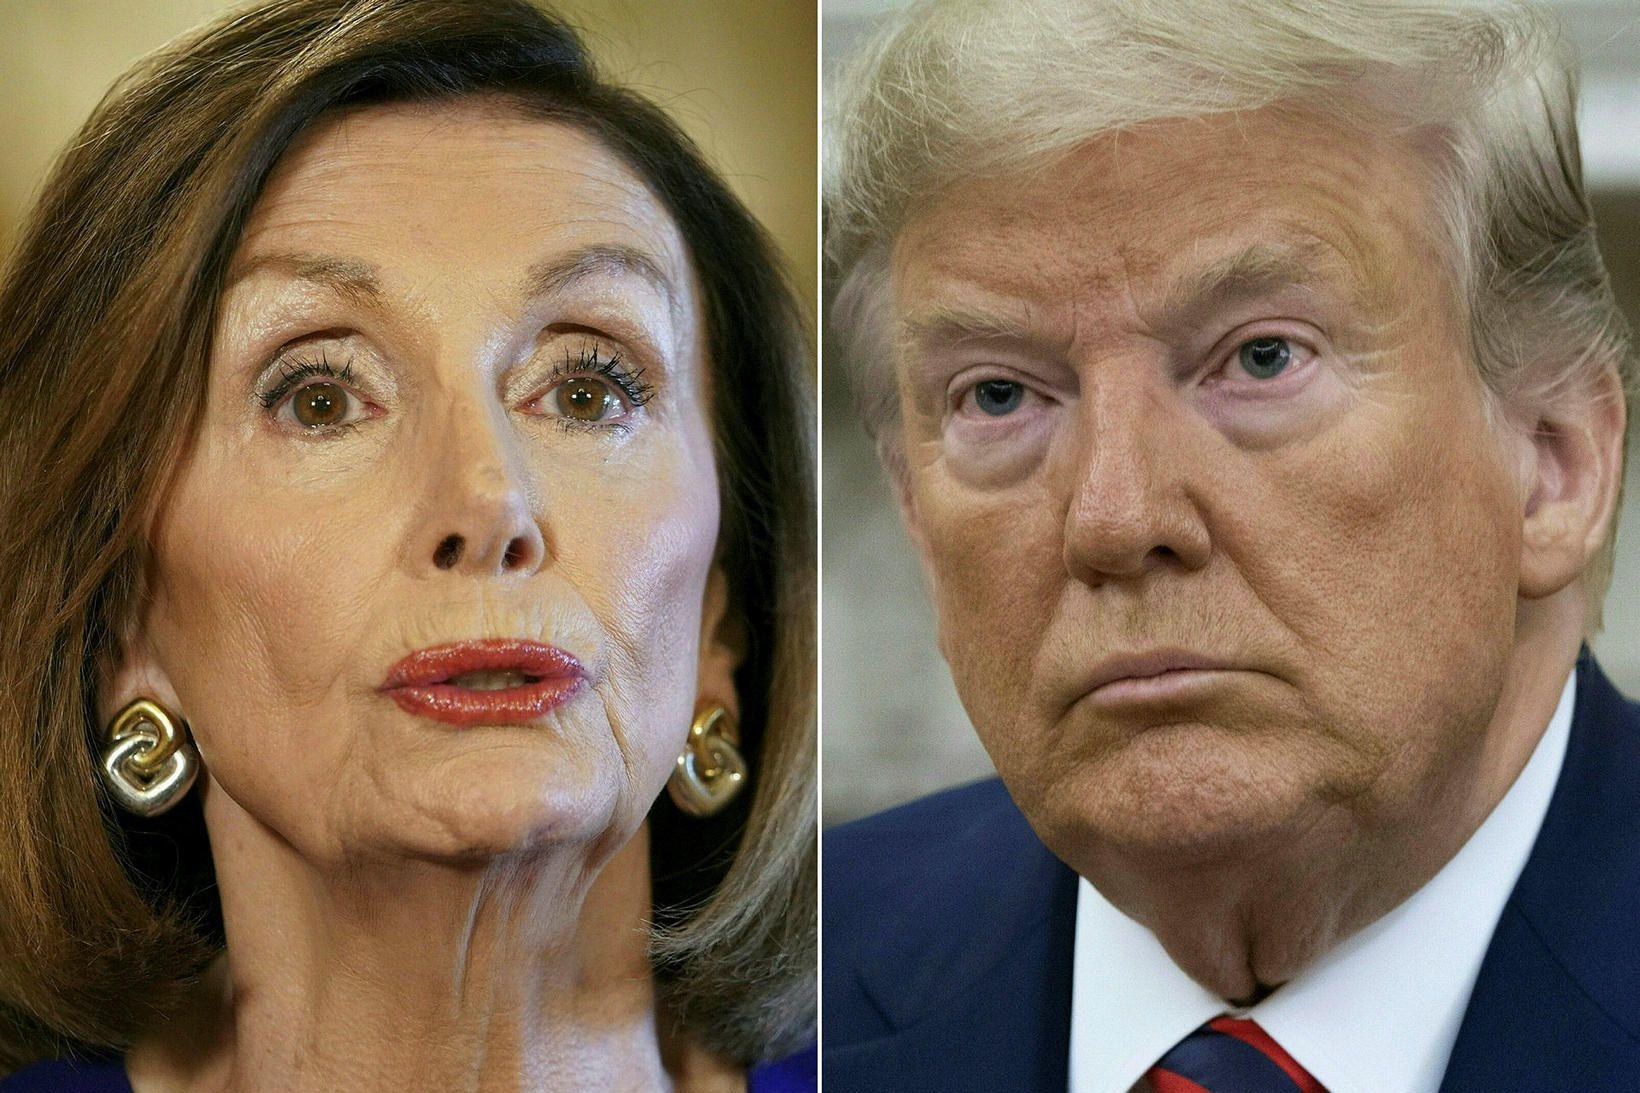 Nancy Pelosi, forseti fulltrúadeildar Bandaríkjaþings, sakar Donald Trump Bandaríkjaforseta um …